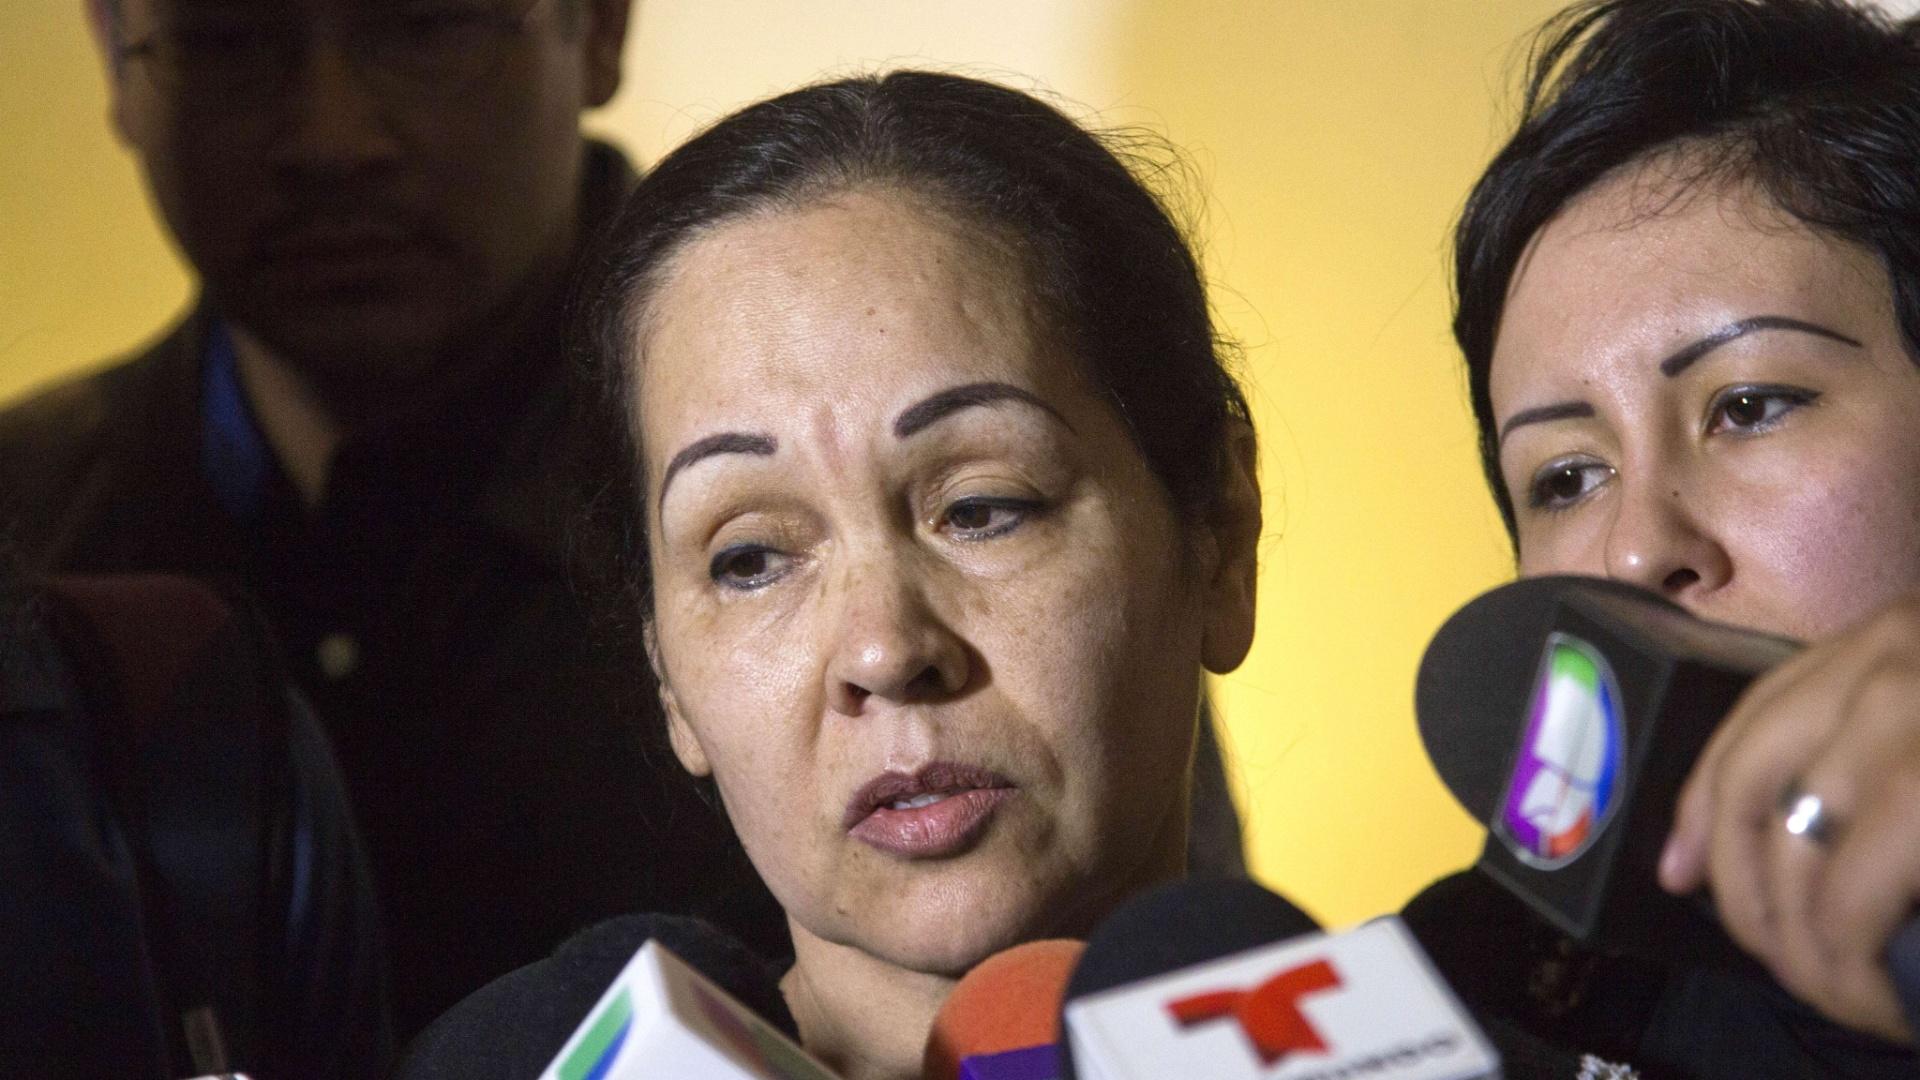 Luz Ramirez, mãe do lutador Pedro Aguayo Ramirez, fala com a imprensa após o funeral do filho, morto em um combate de luta livre no México